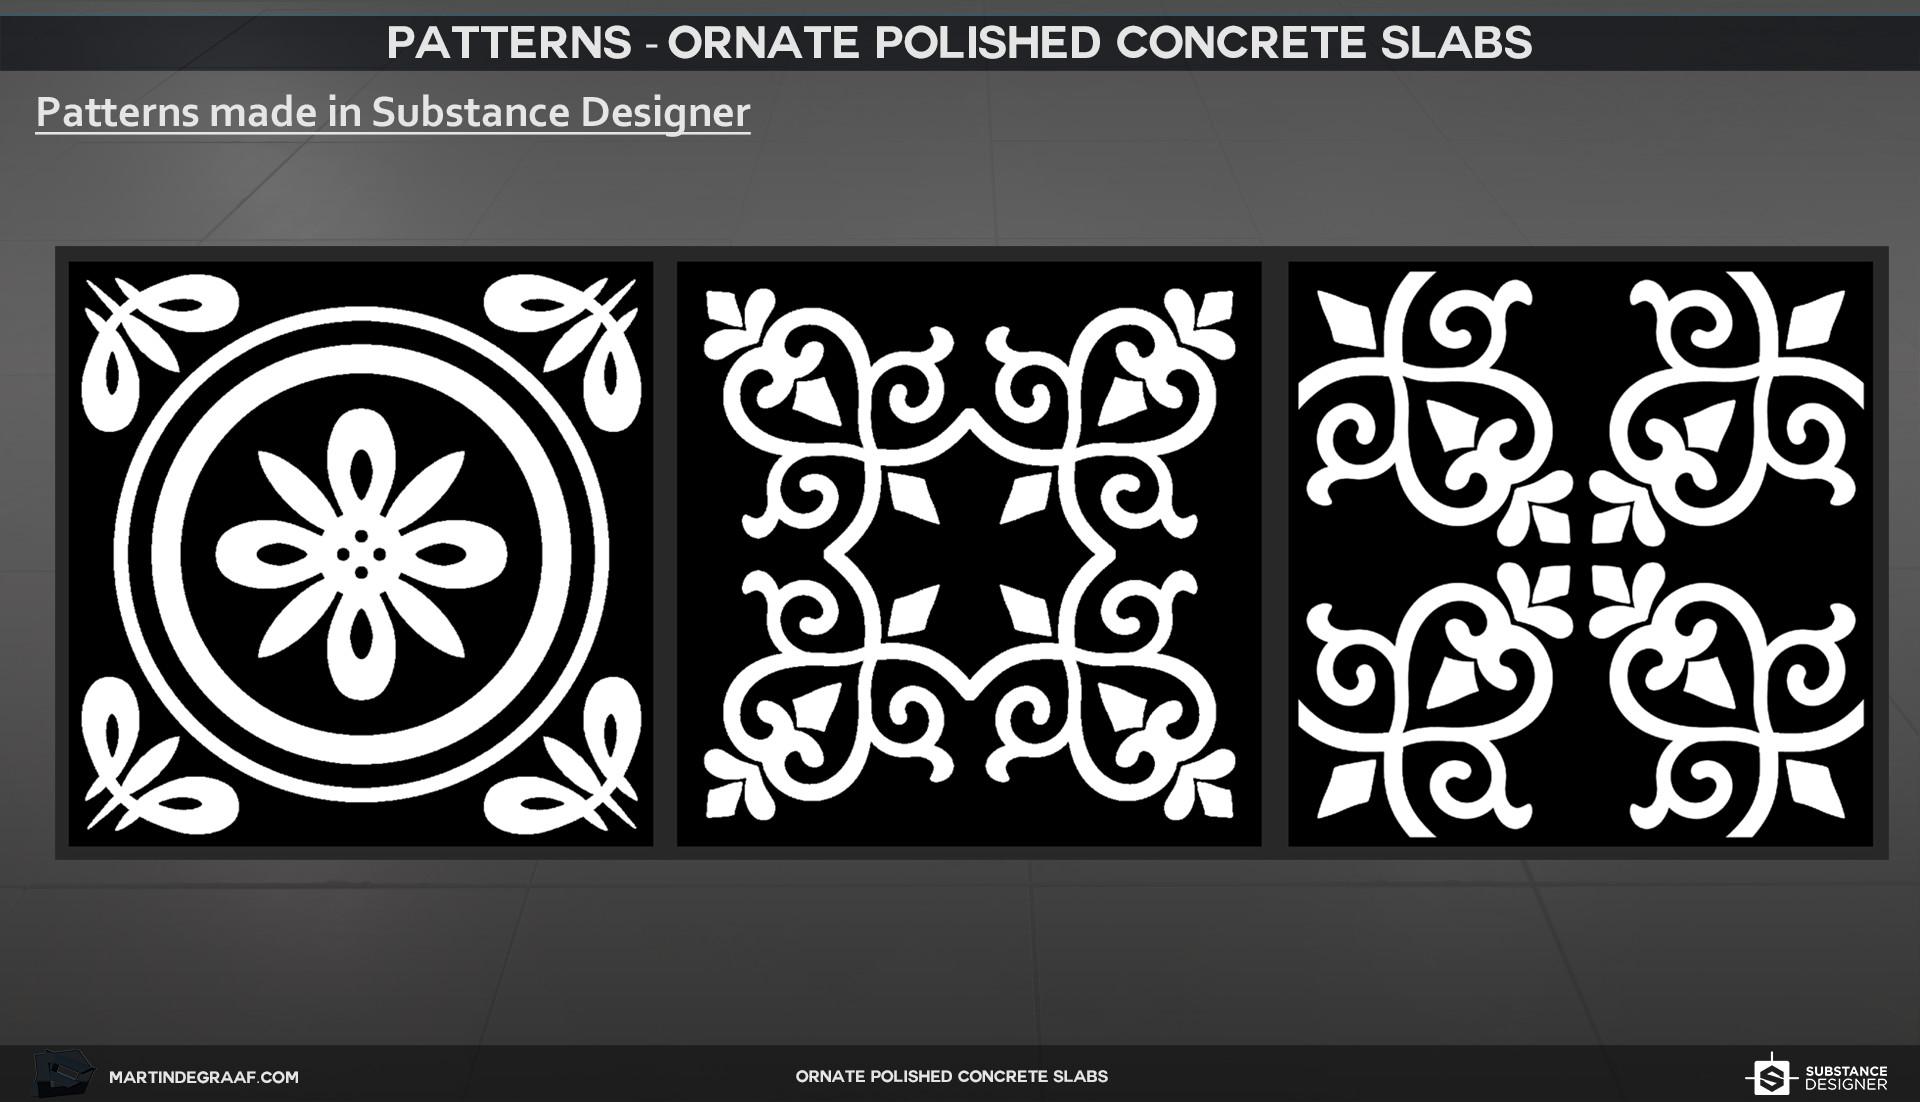 Martin de graaf ornate polished concrete slabs substance patterns martin de graaf 2017